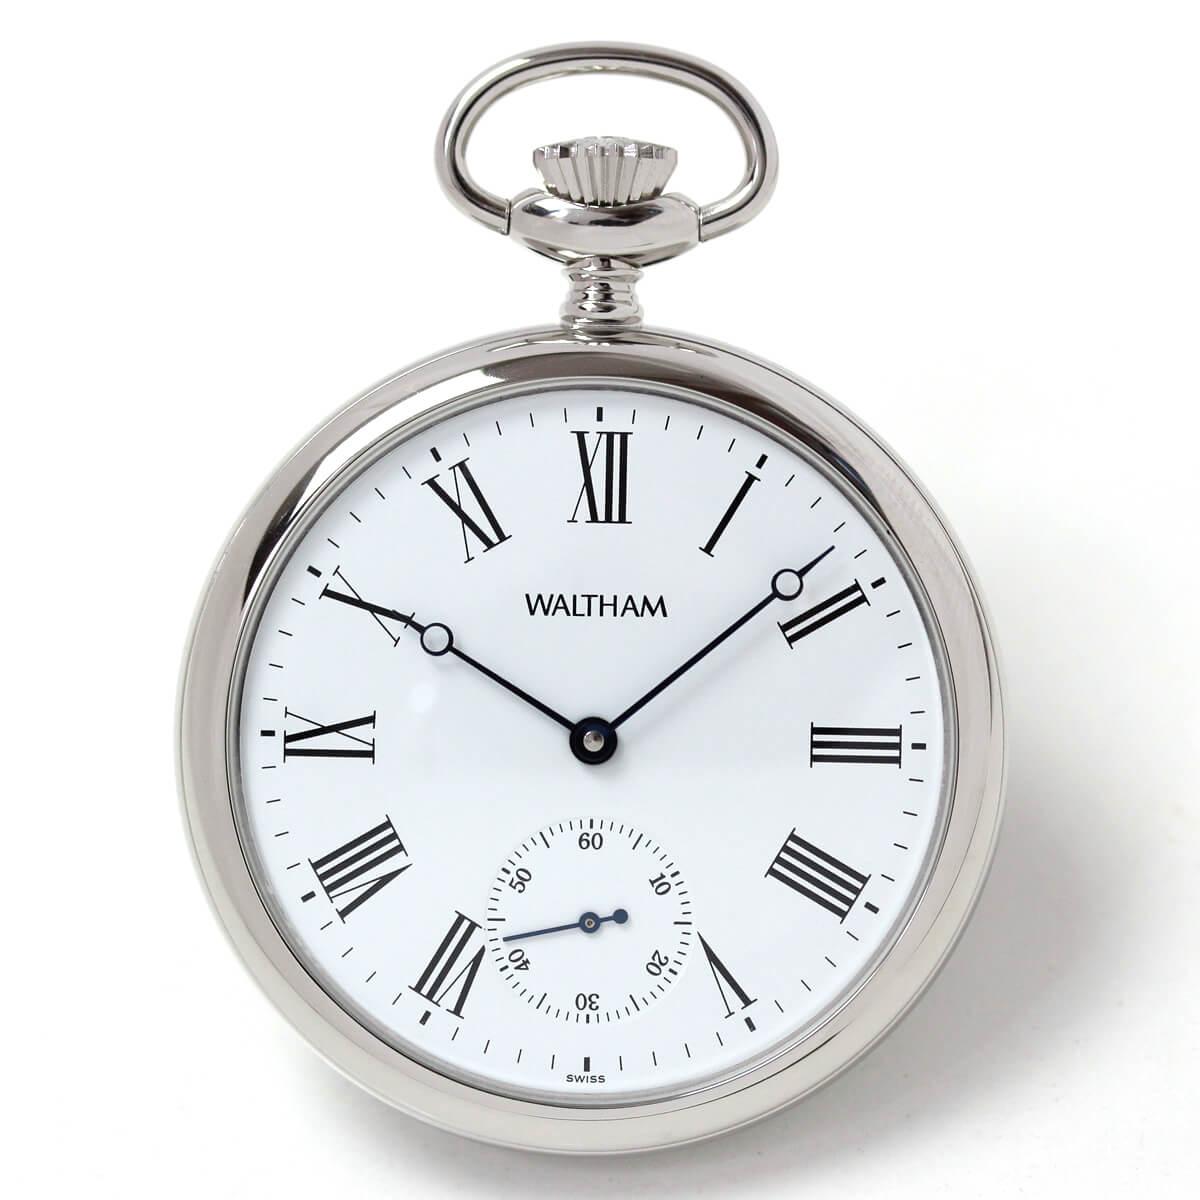 ウォルサム アラビア数字の懐中時計 銀無垢 ws32r